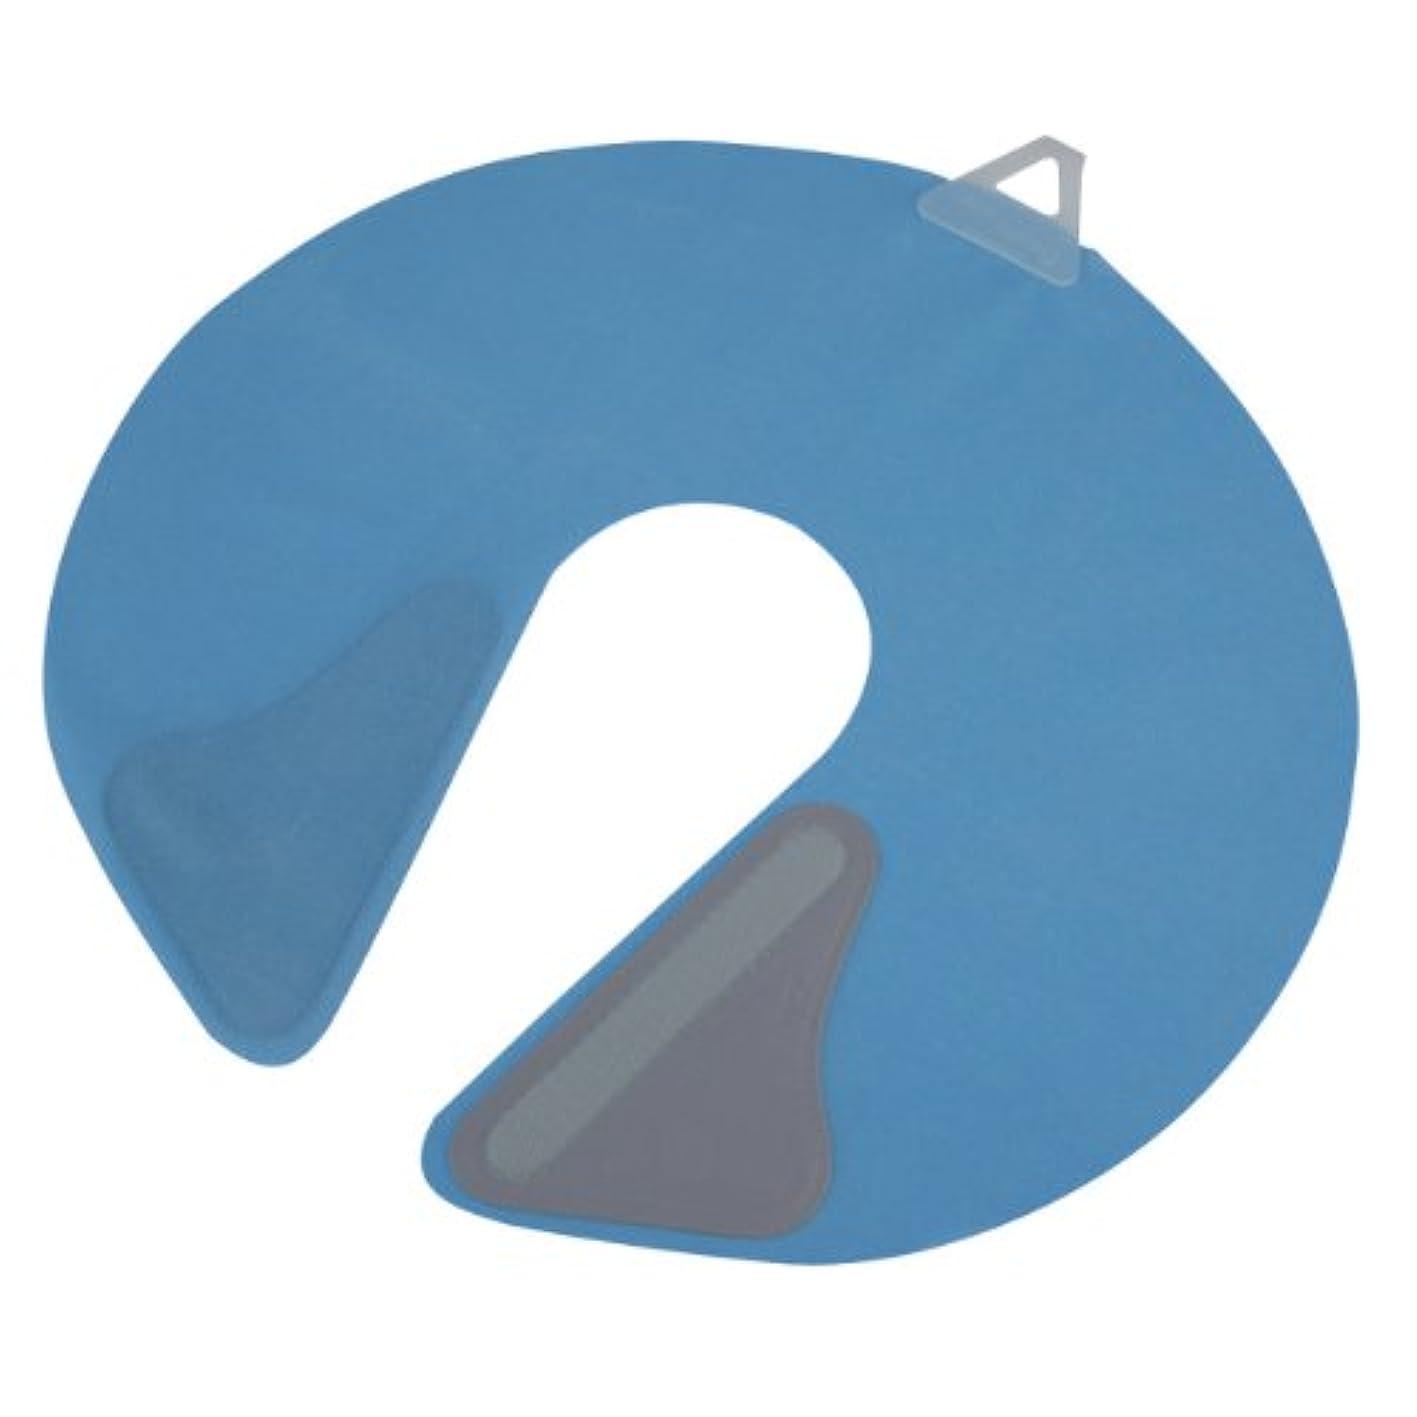 真珠のような病レンズ竹家 ネックシャッター ブルー